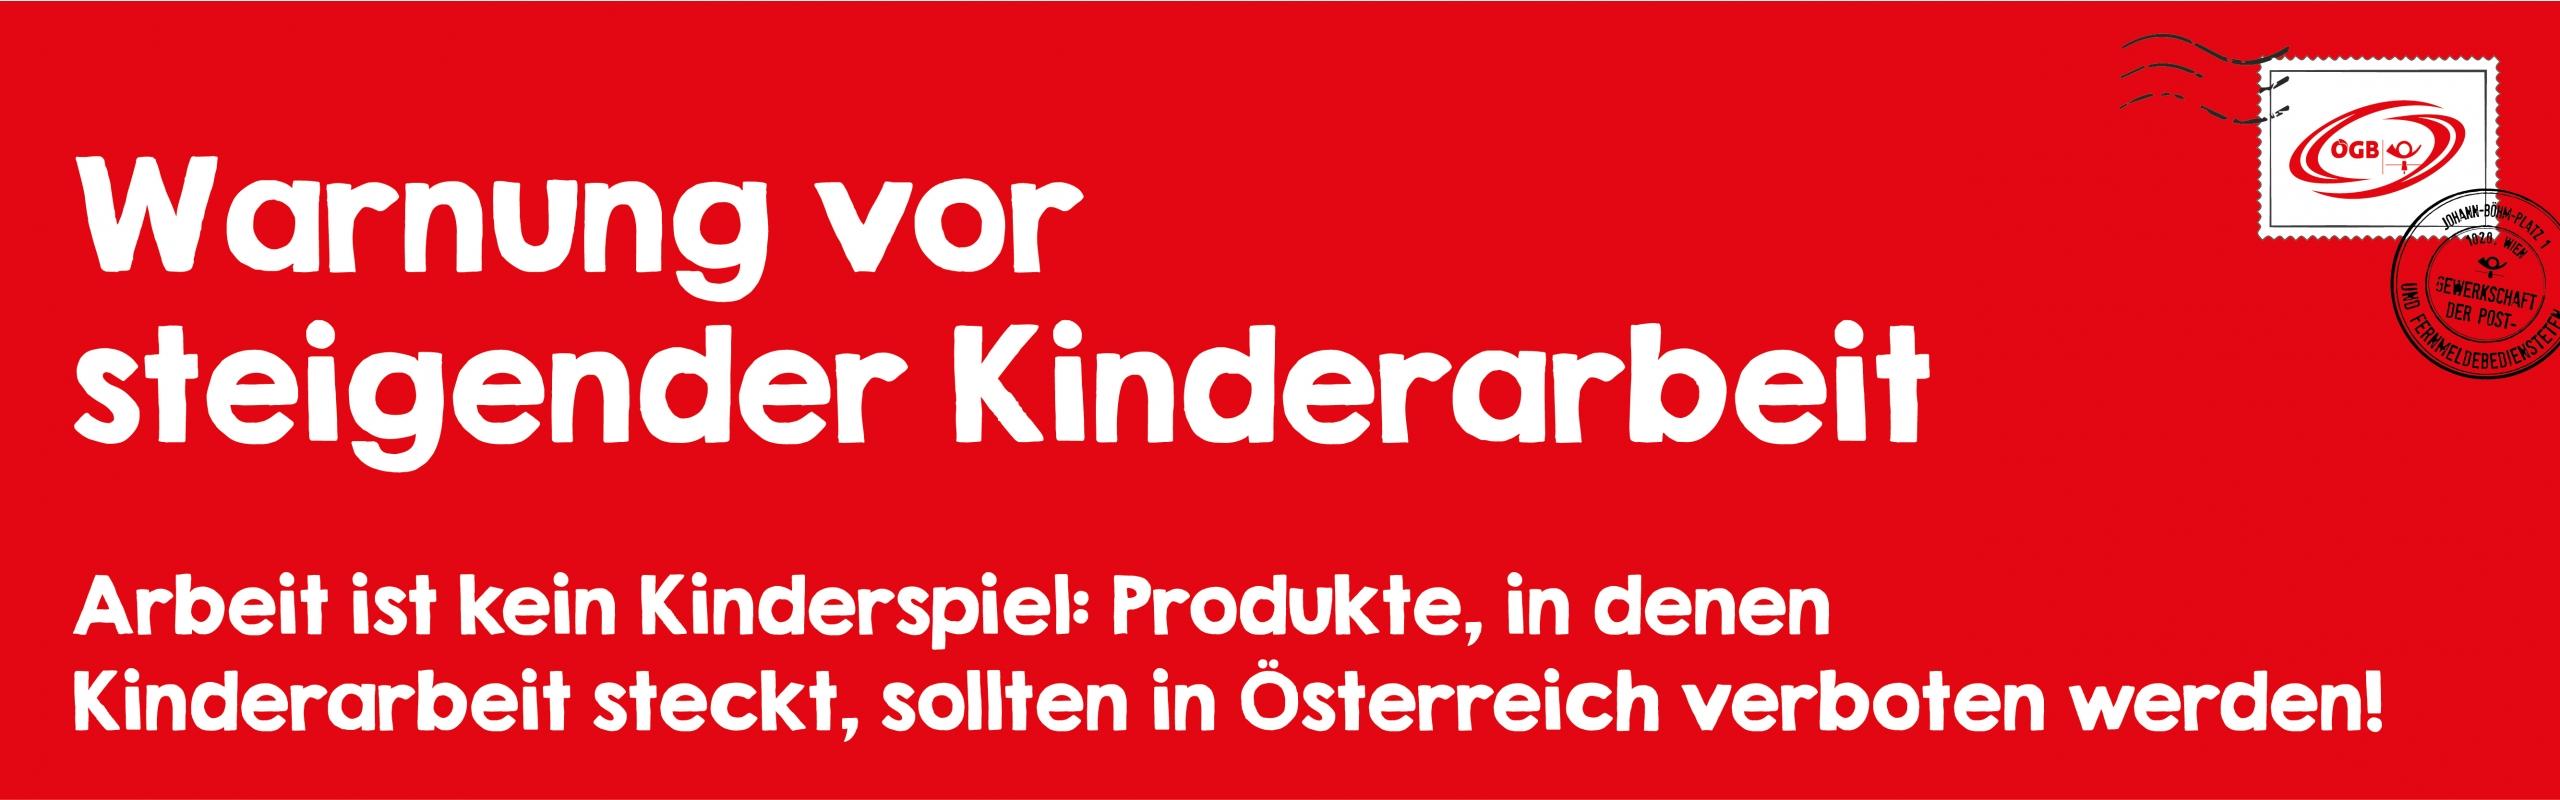 Welttag gegen Kinderarbeit_Banner_1